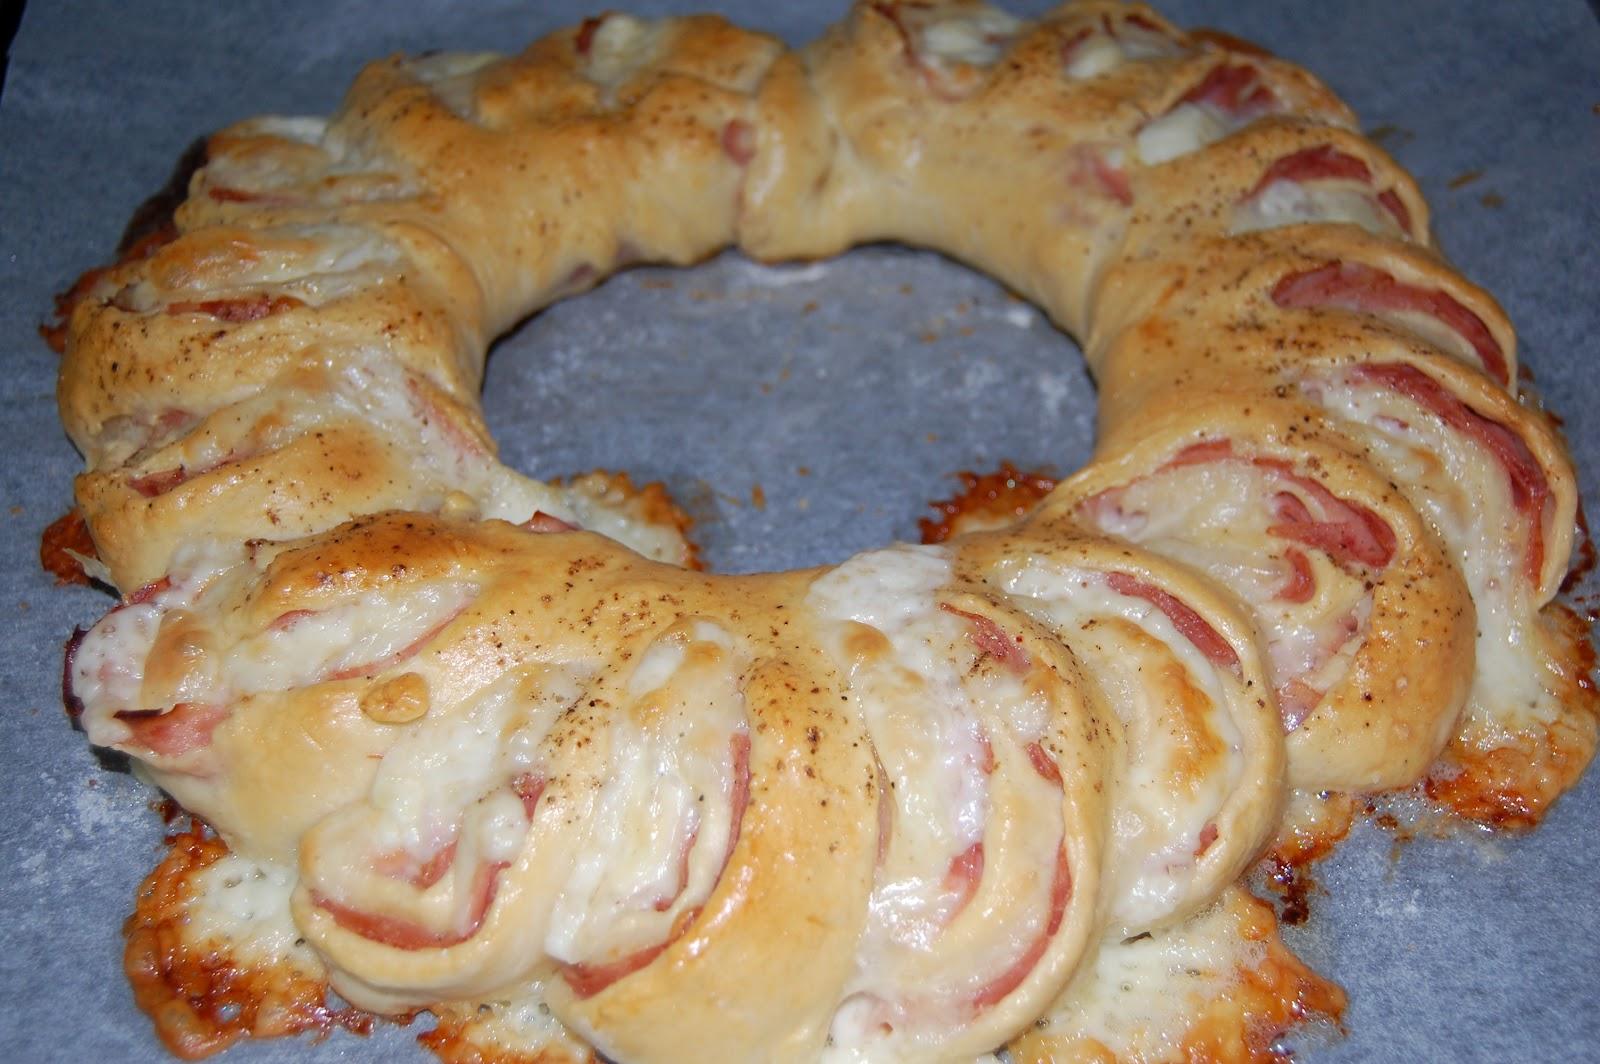 http://azucarenmicocina.blogspot.com.es/2012/07/rosca-de-jamon-y-queso.html